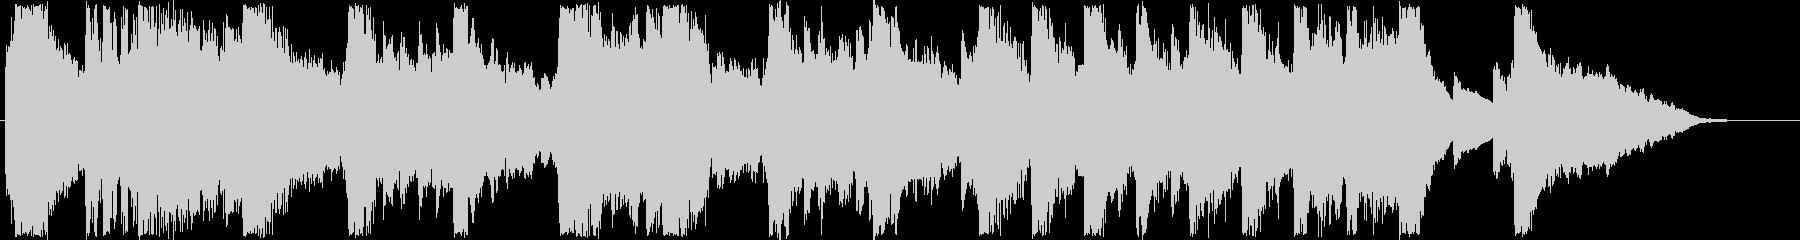 ふんわりした変則気味のオルゴール音の未再生の波形